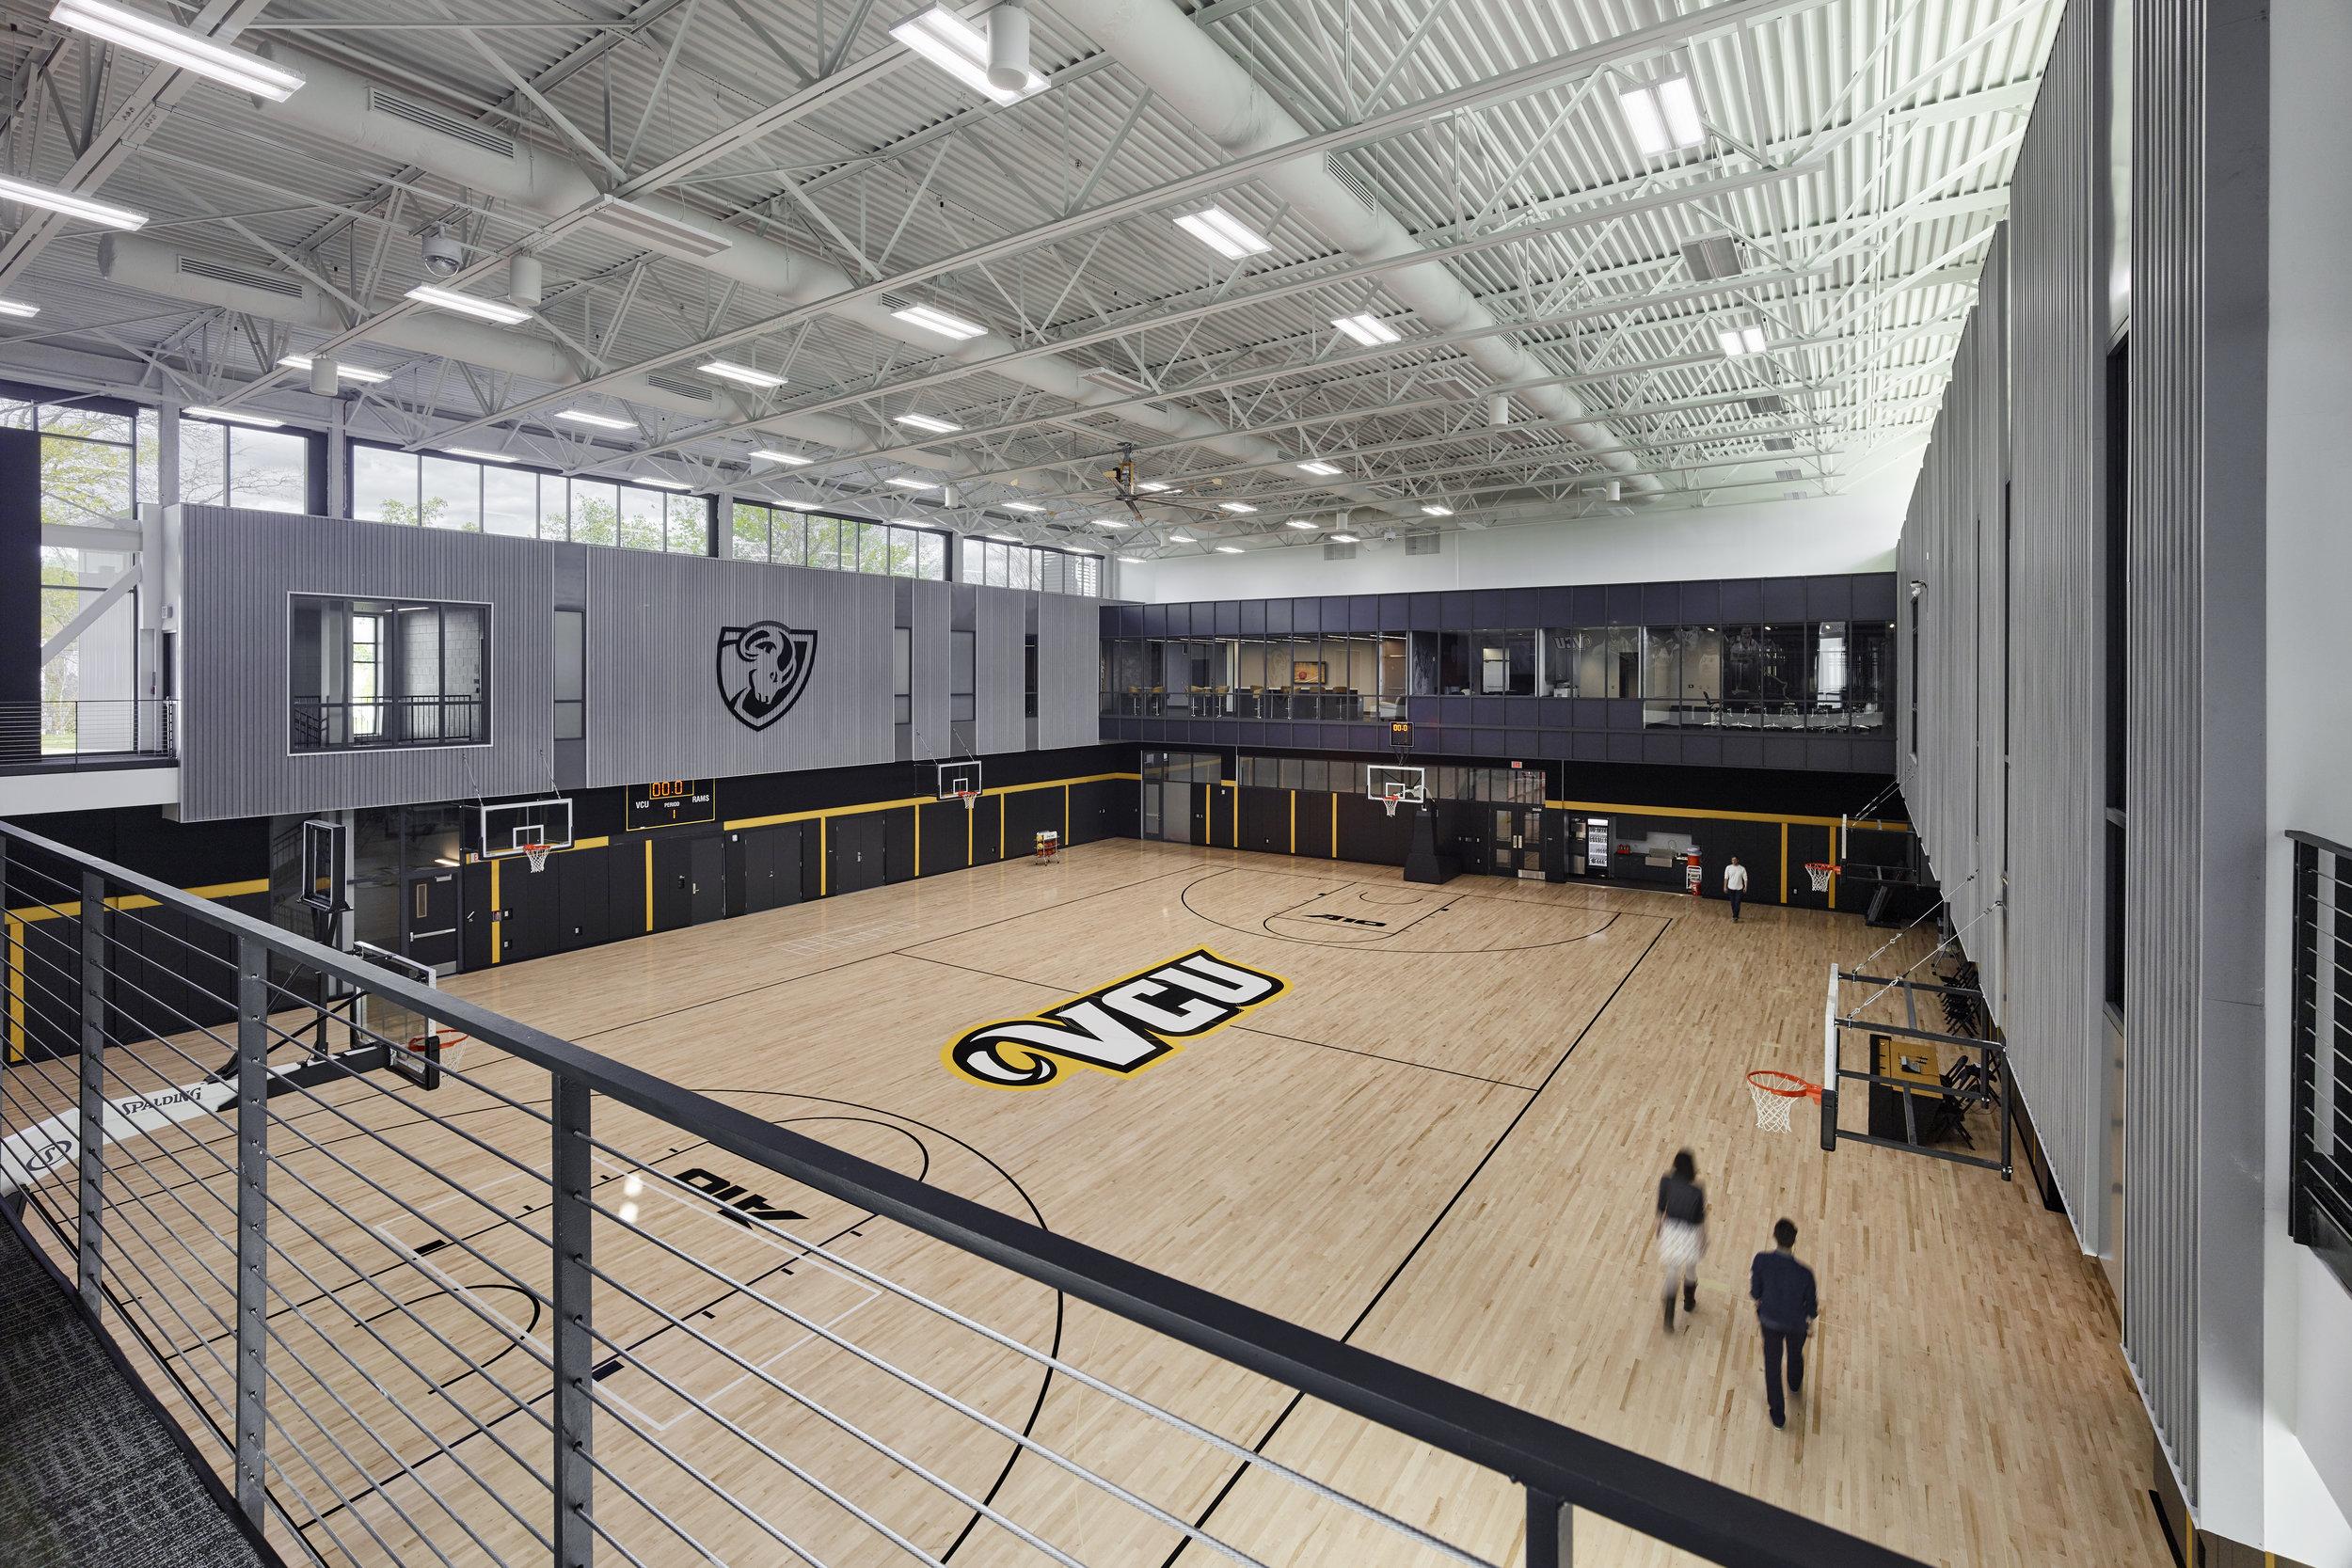 VCU_Basketball_Development_Center_8